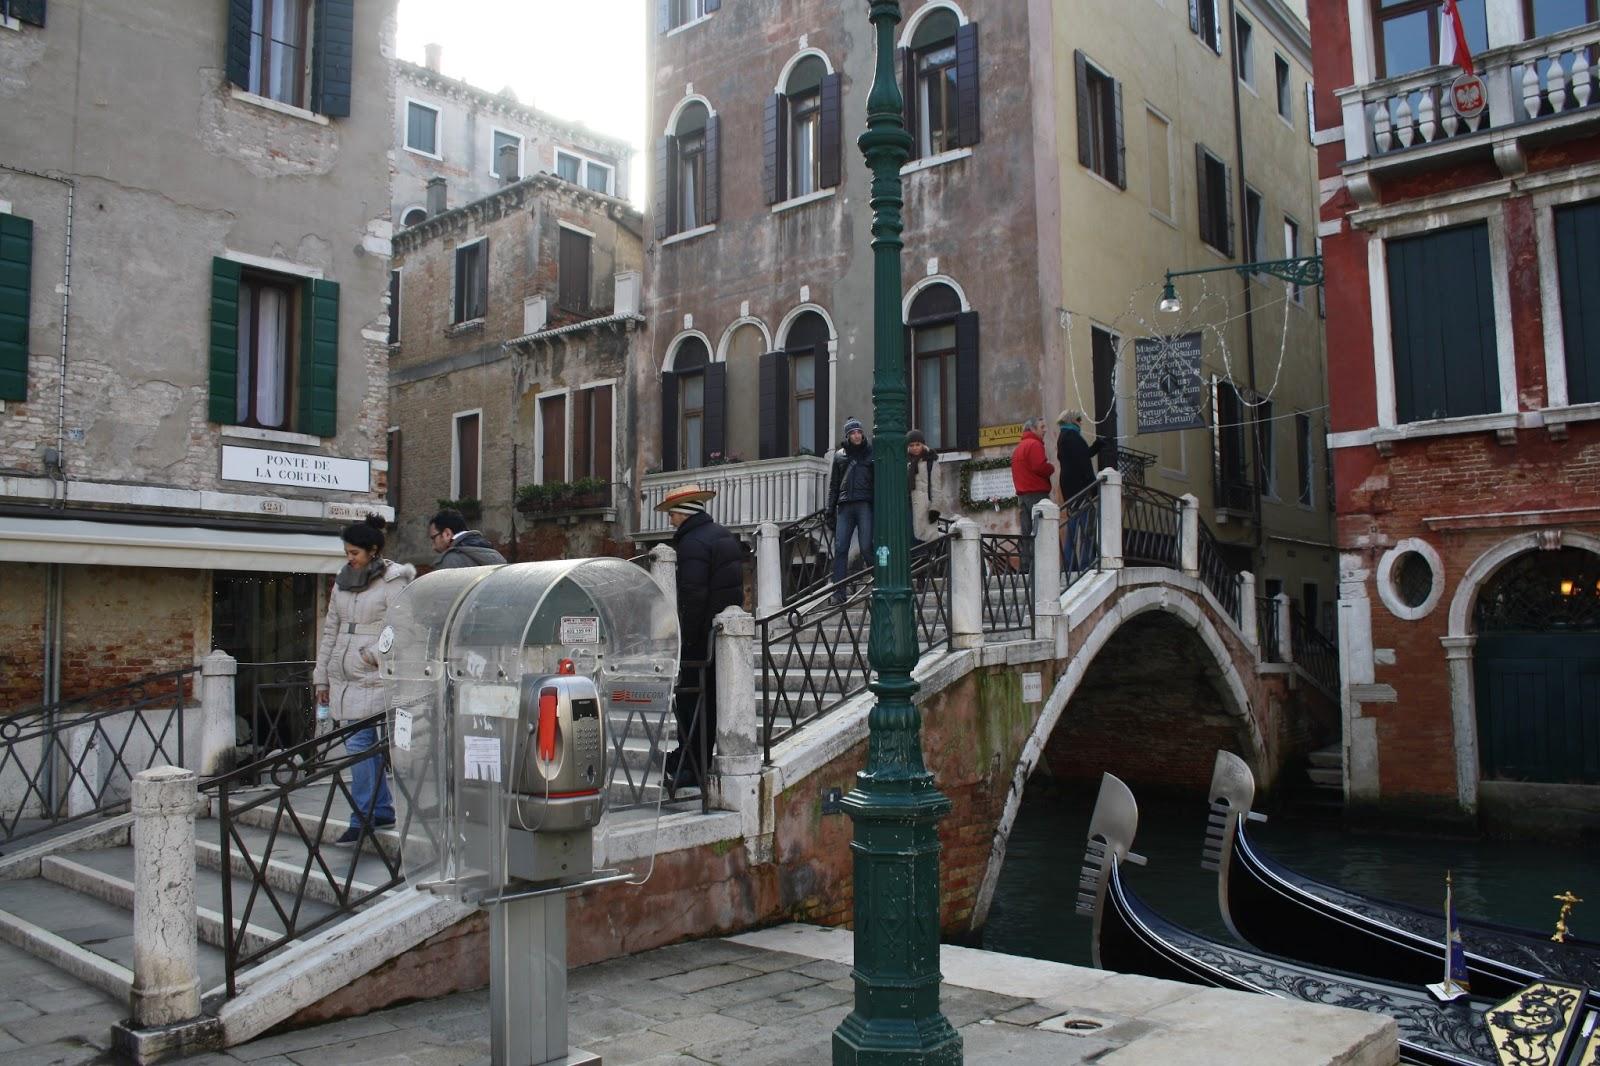 http://3.bp.blogspot.com/-OoLLROgFDl4/UO8iXW32AvI/AAAAAAAACqg/SphxiksaZBM/s1600/Norte+de+Italia+Diciembre+2012+597.JPG